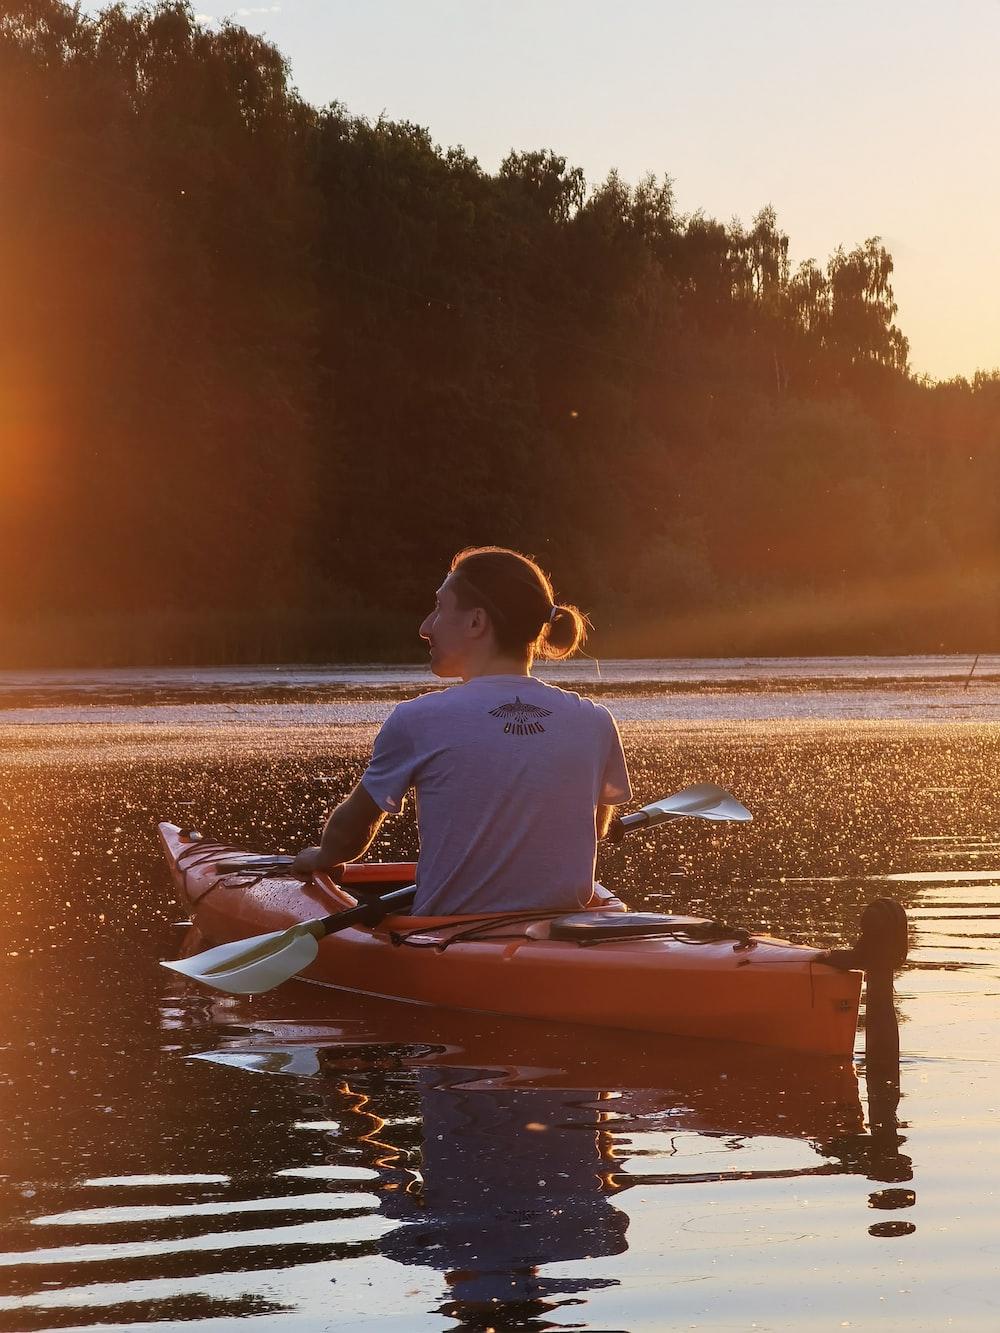 man in blue shirt riding red kayak on sea shore during sunset